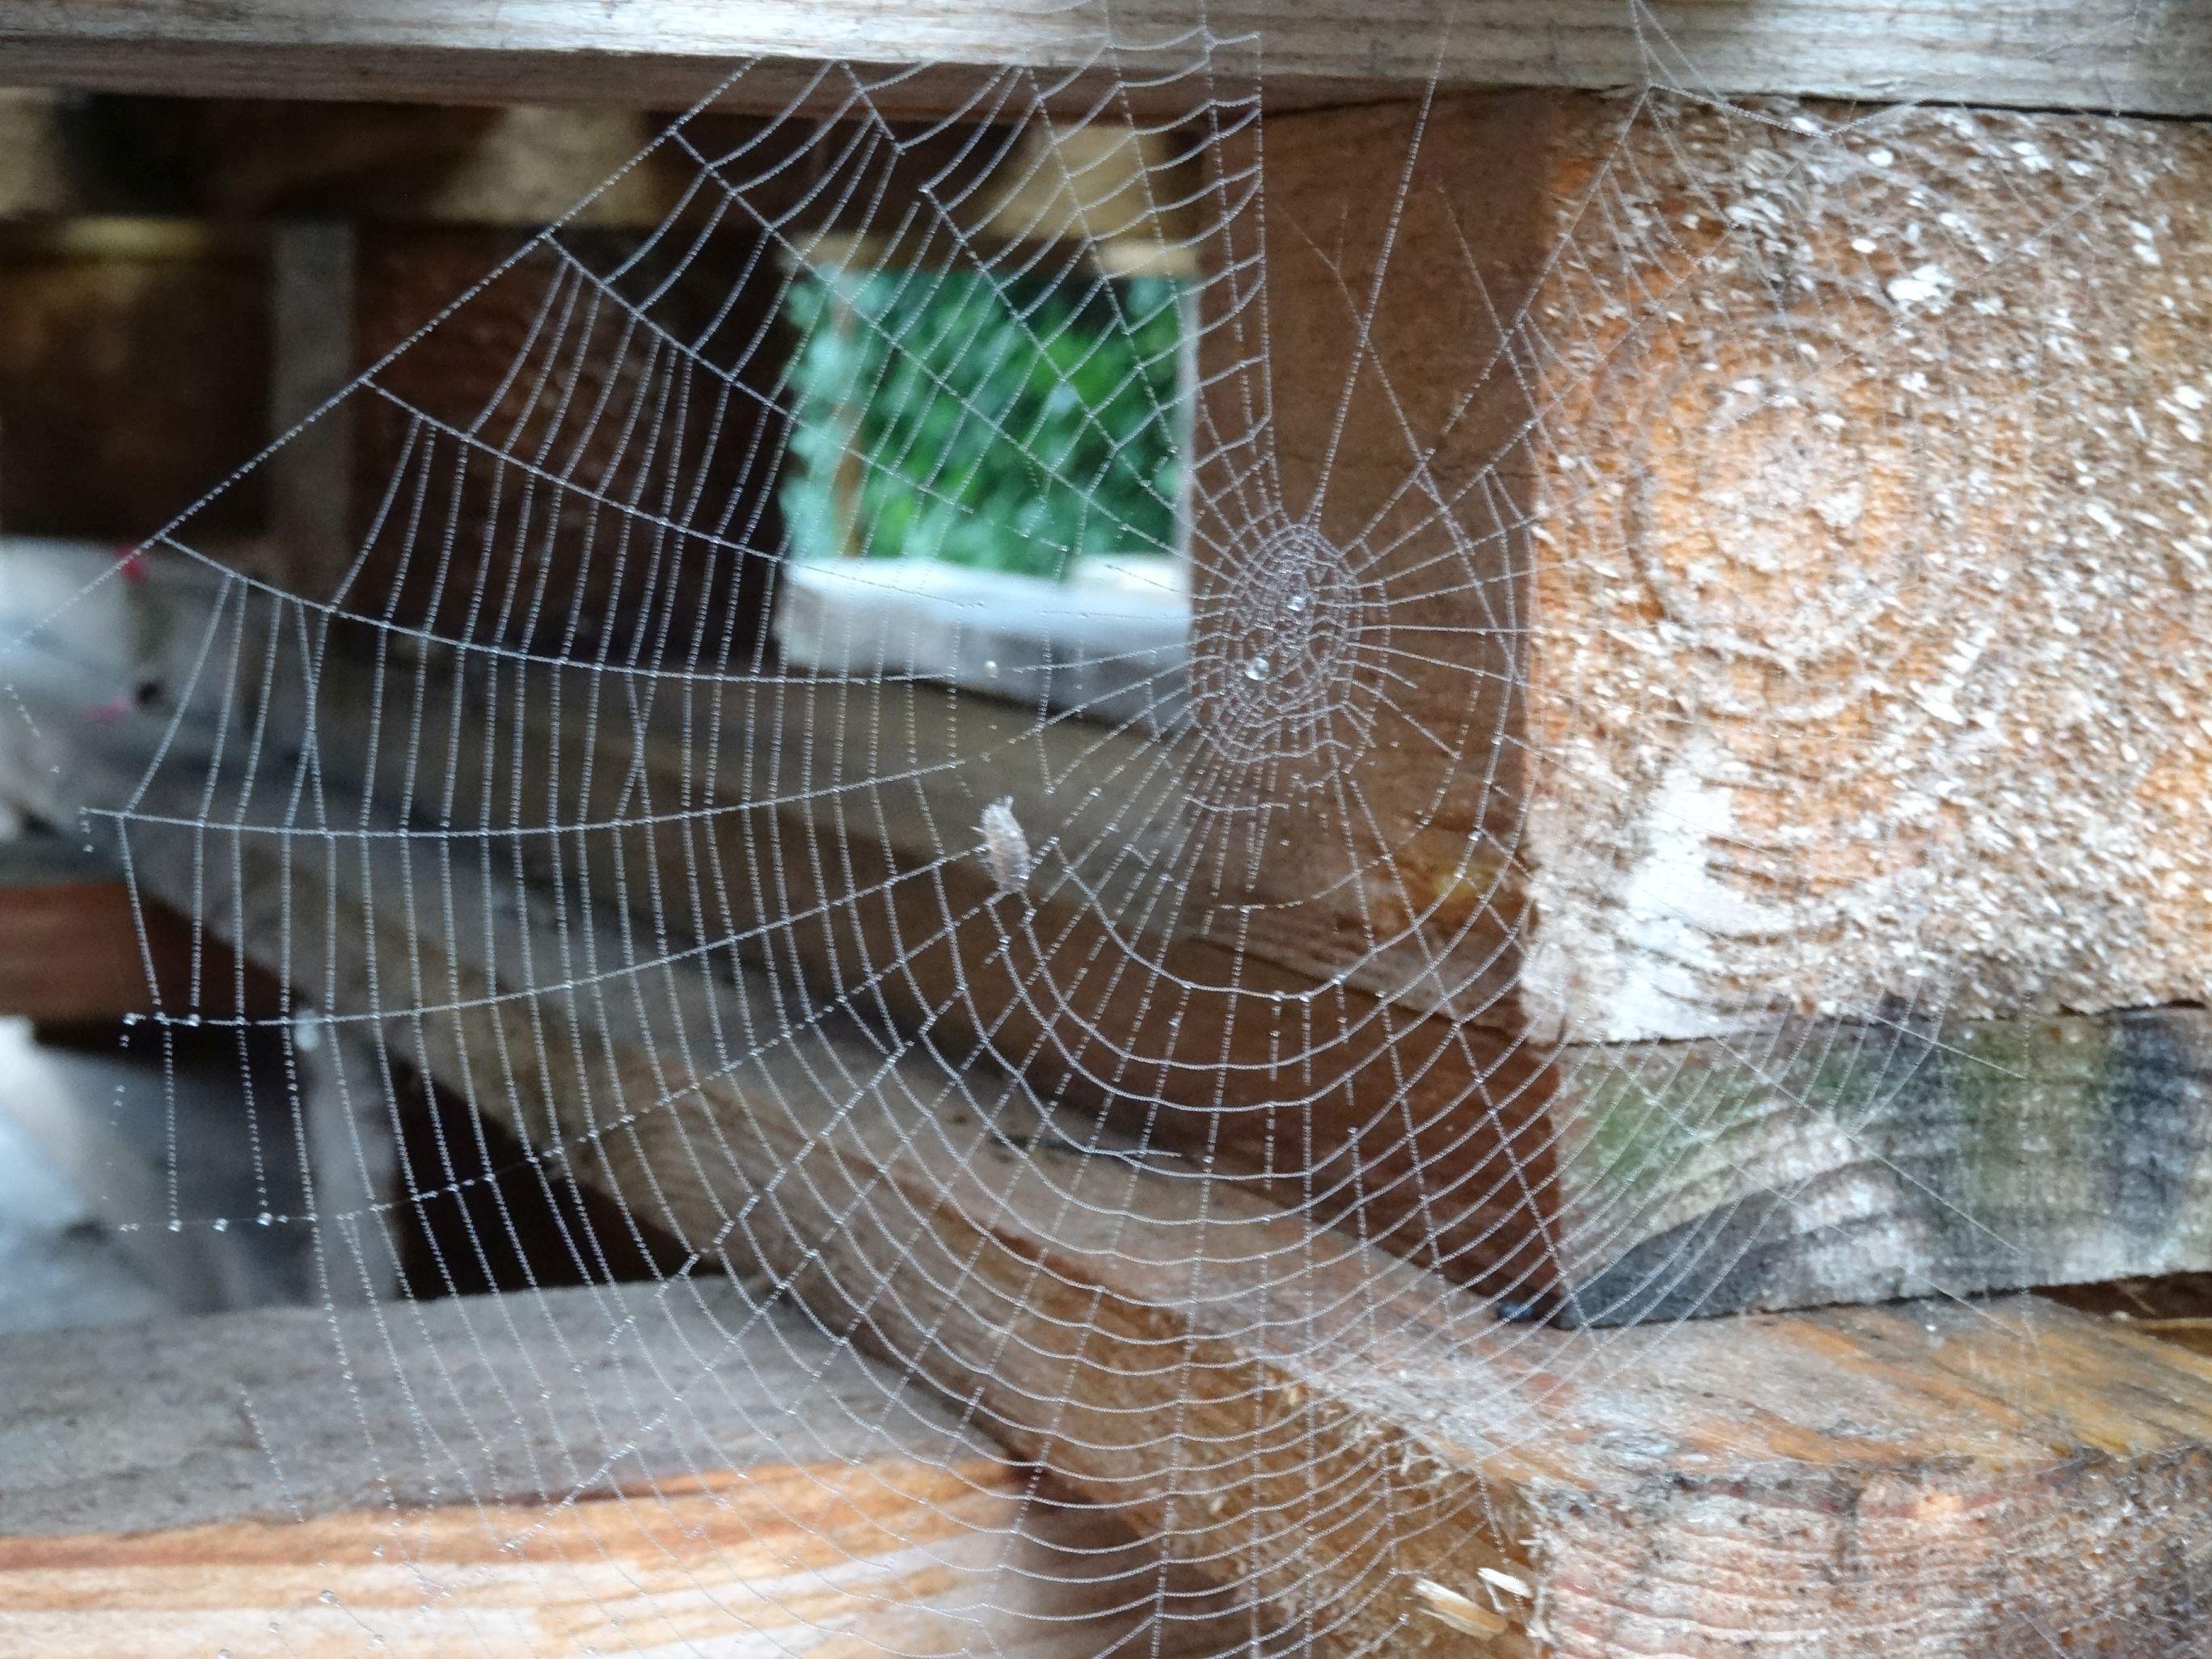 toile d'araignée | toiles et araignées / spiders and webs